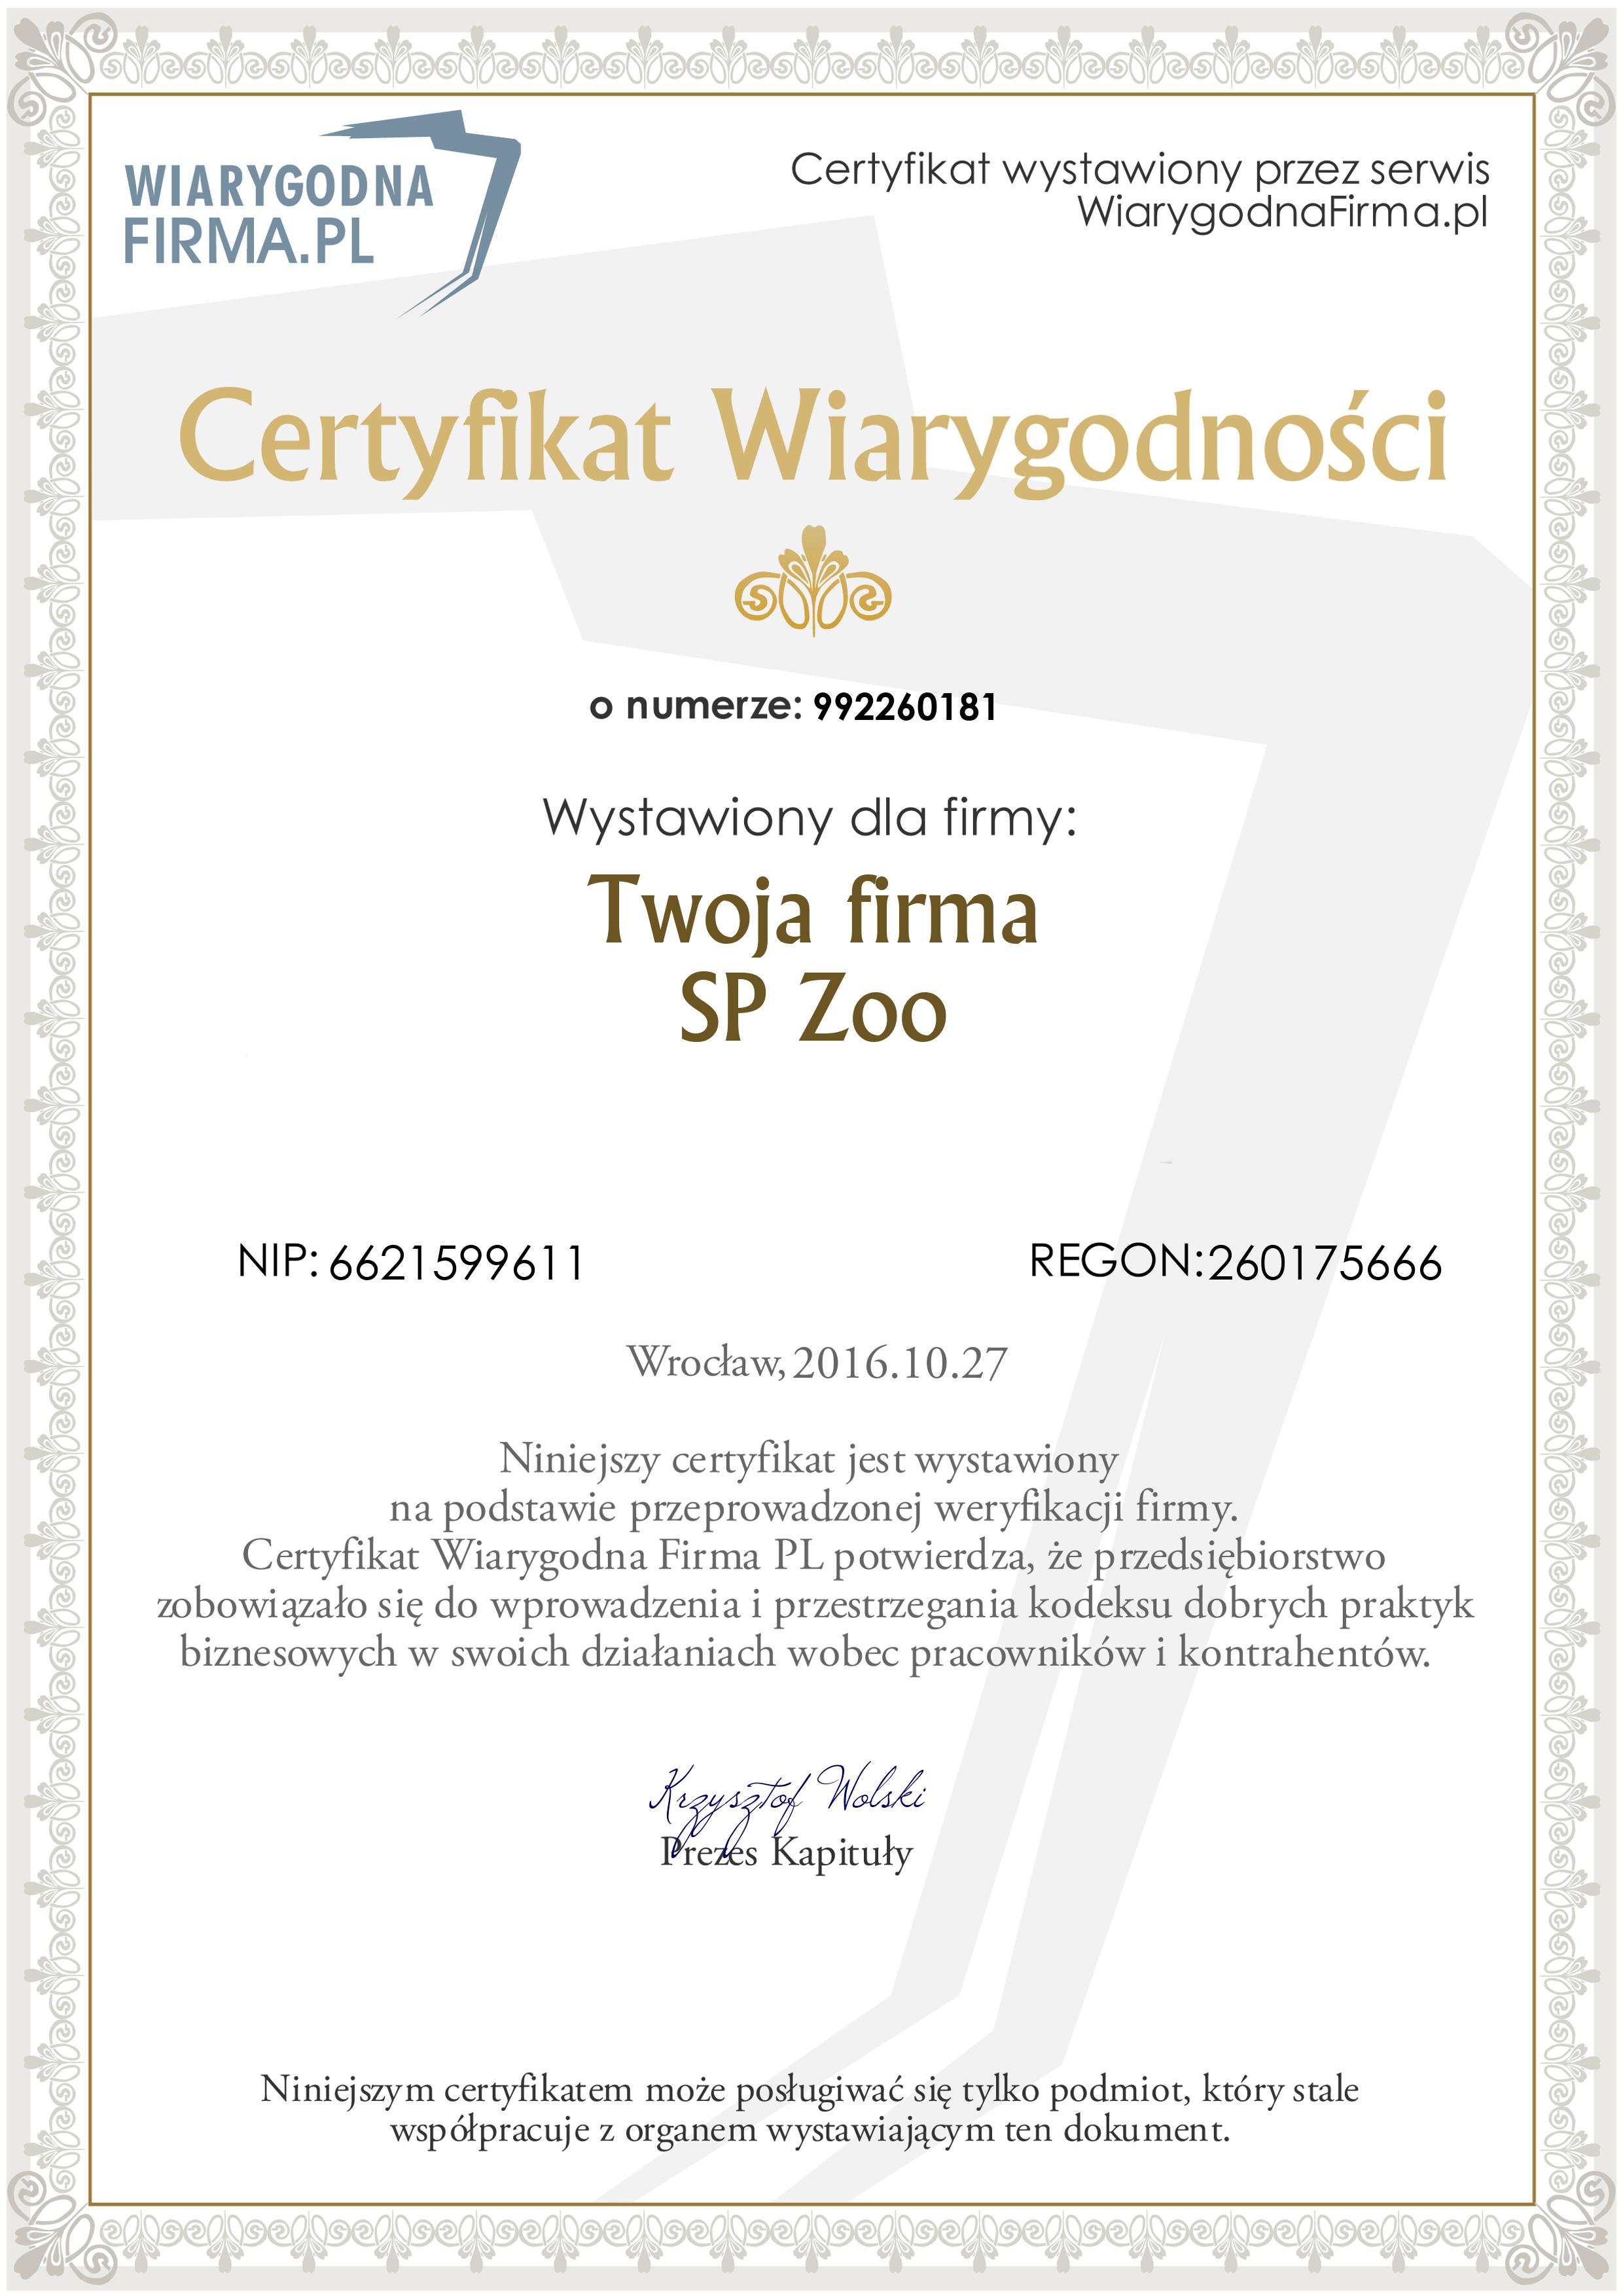 Certyfikat wiarygodna firma pl